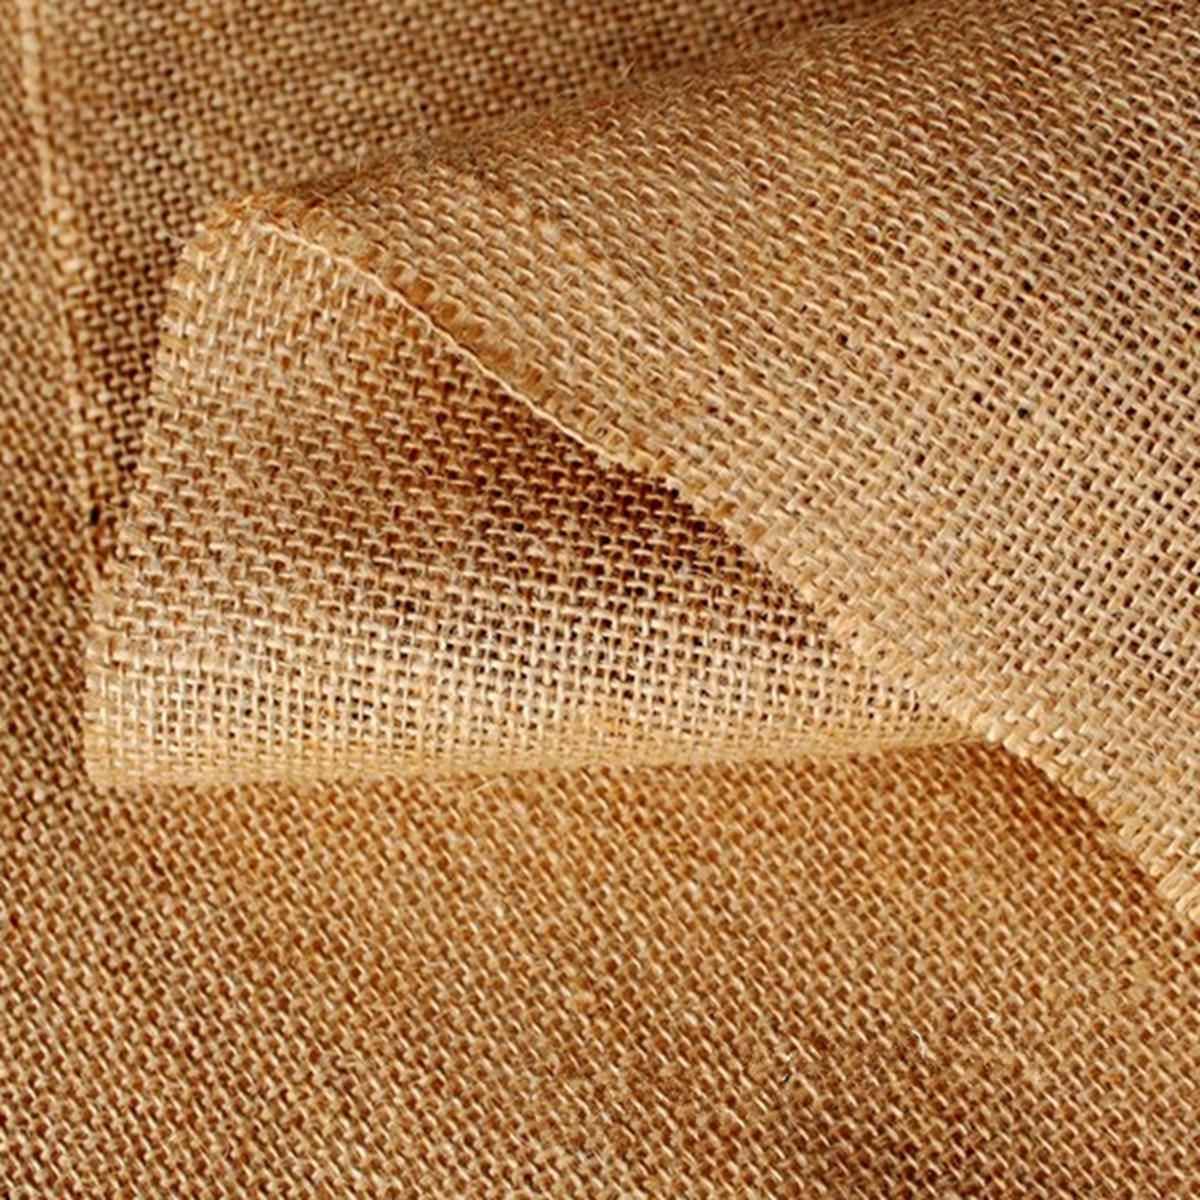 toile de jute naturelle tissu diy patchwork lin bordure dentelle d cor mariage achat vente. Black Bedroom Furniture Sets. Home Design Ideas